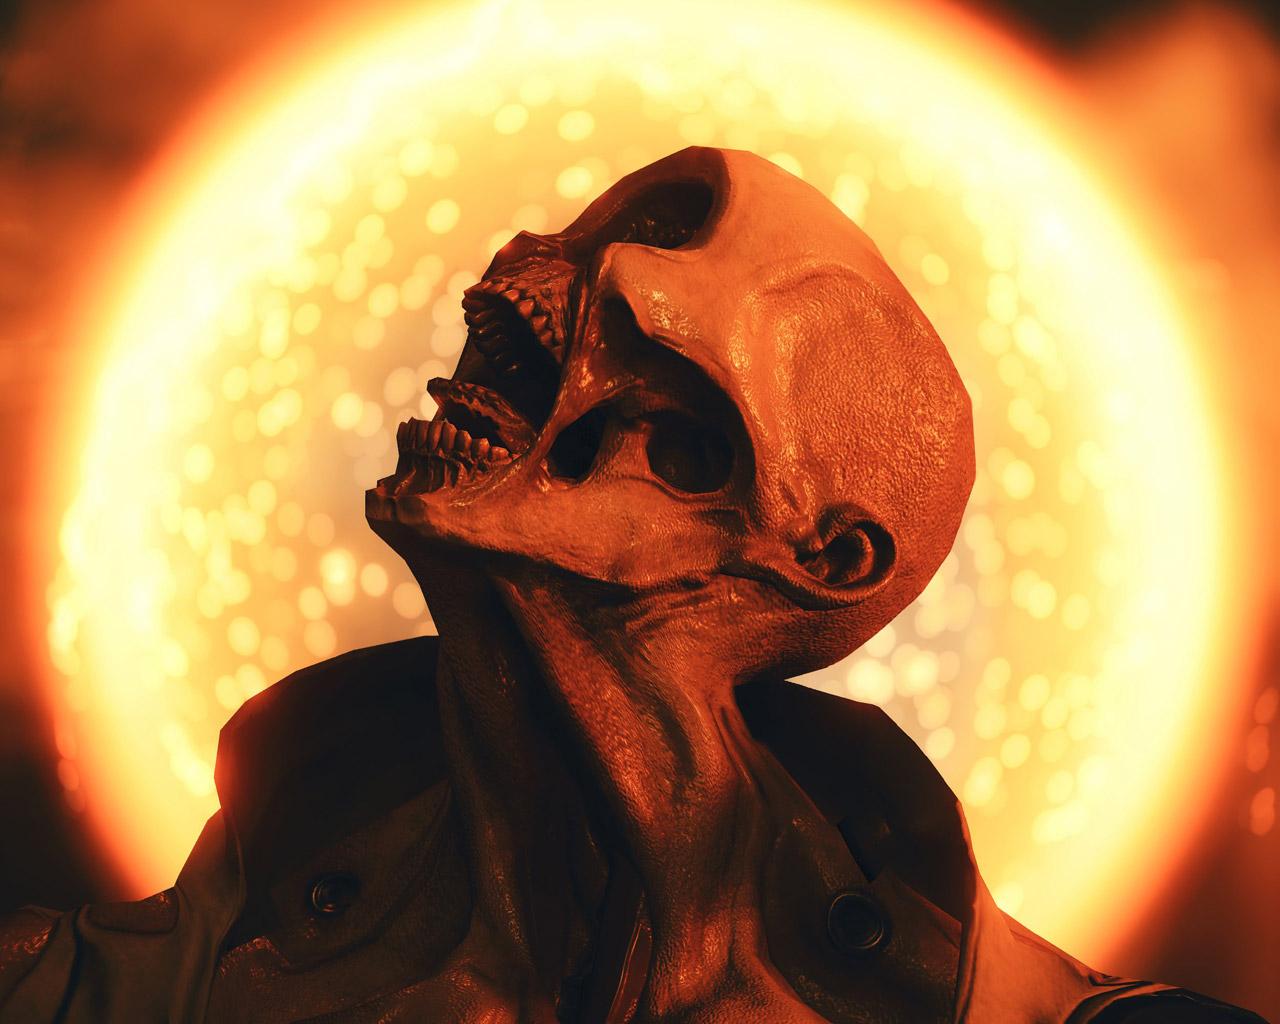 Doom (2016) Wallpaper in 1280x1024